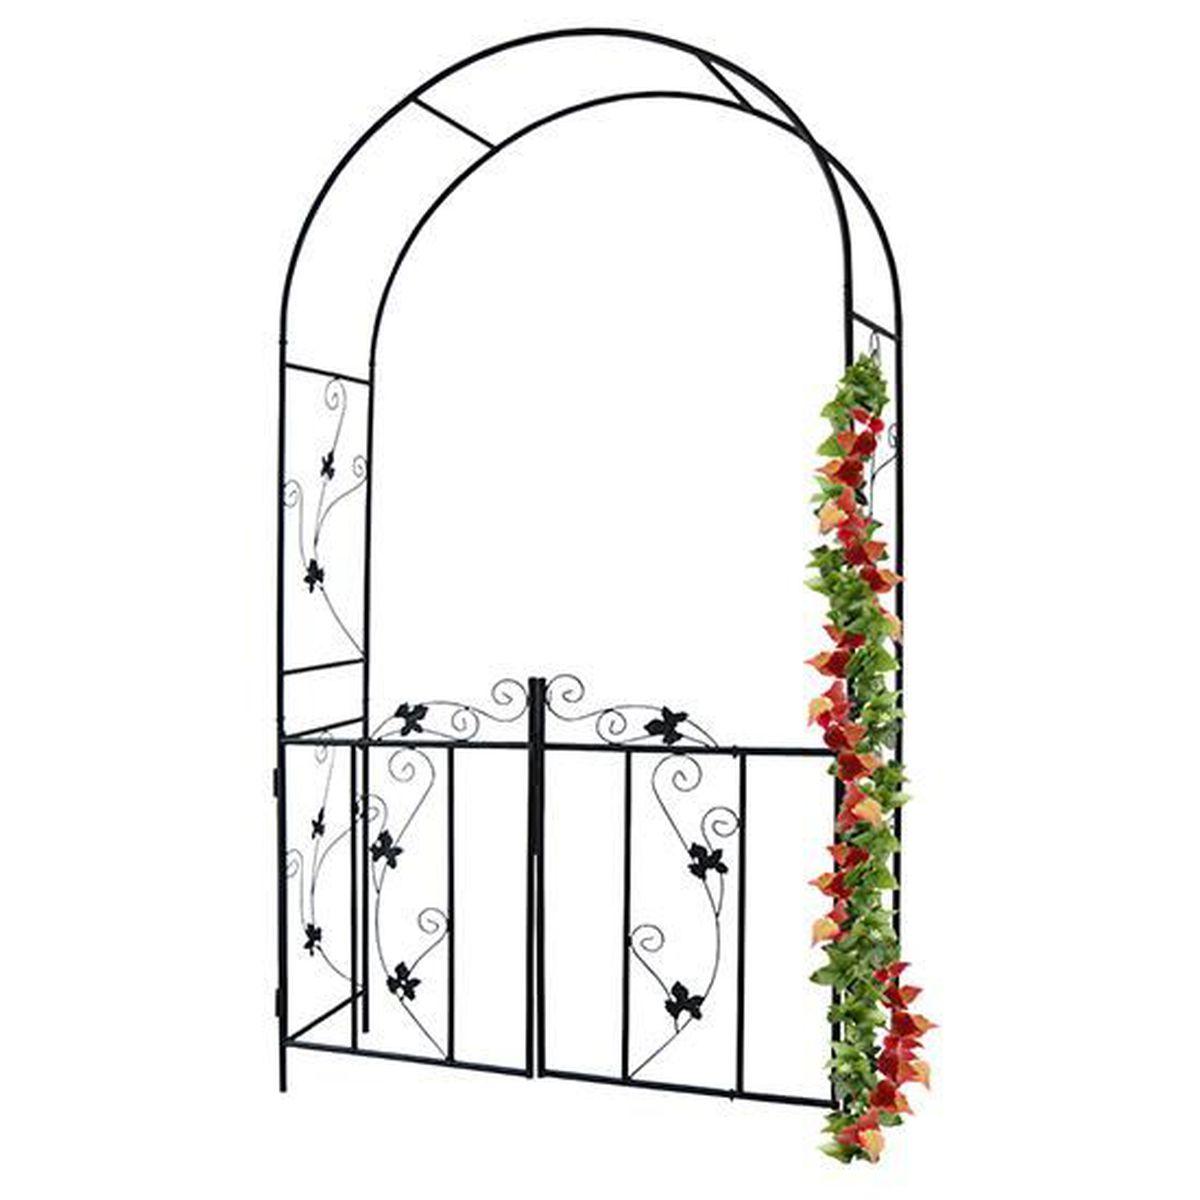 Fabriquer Treillis Bois Pour Plantes Grimpantes arche de jardin pour plantes grimpantes en acier noir arceau